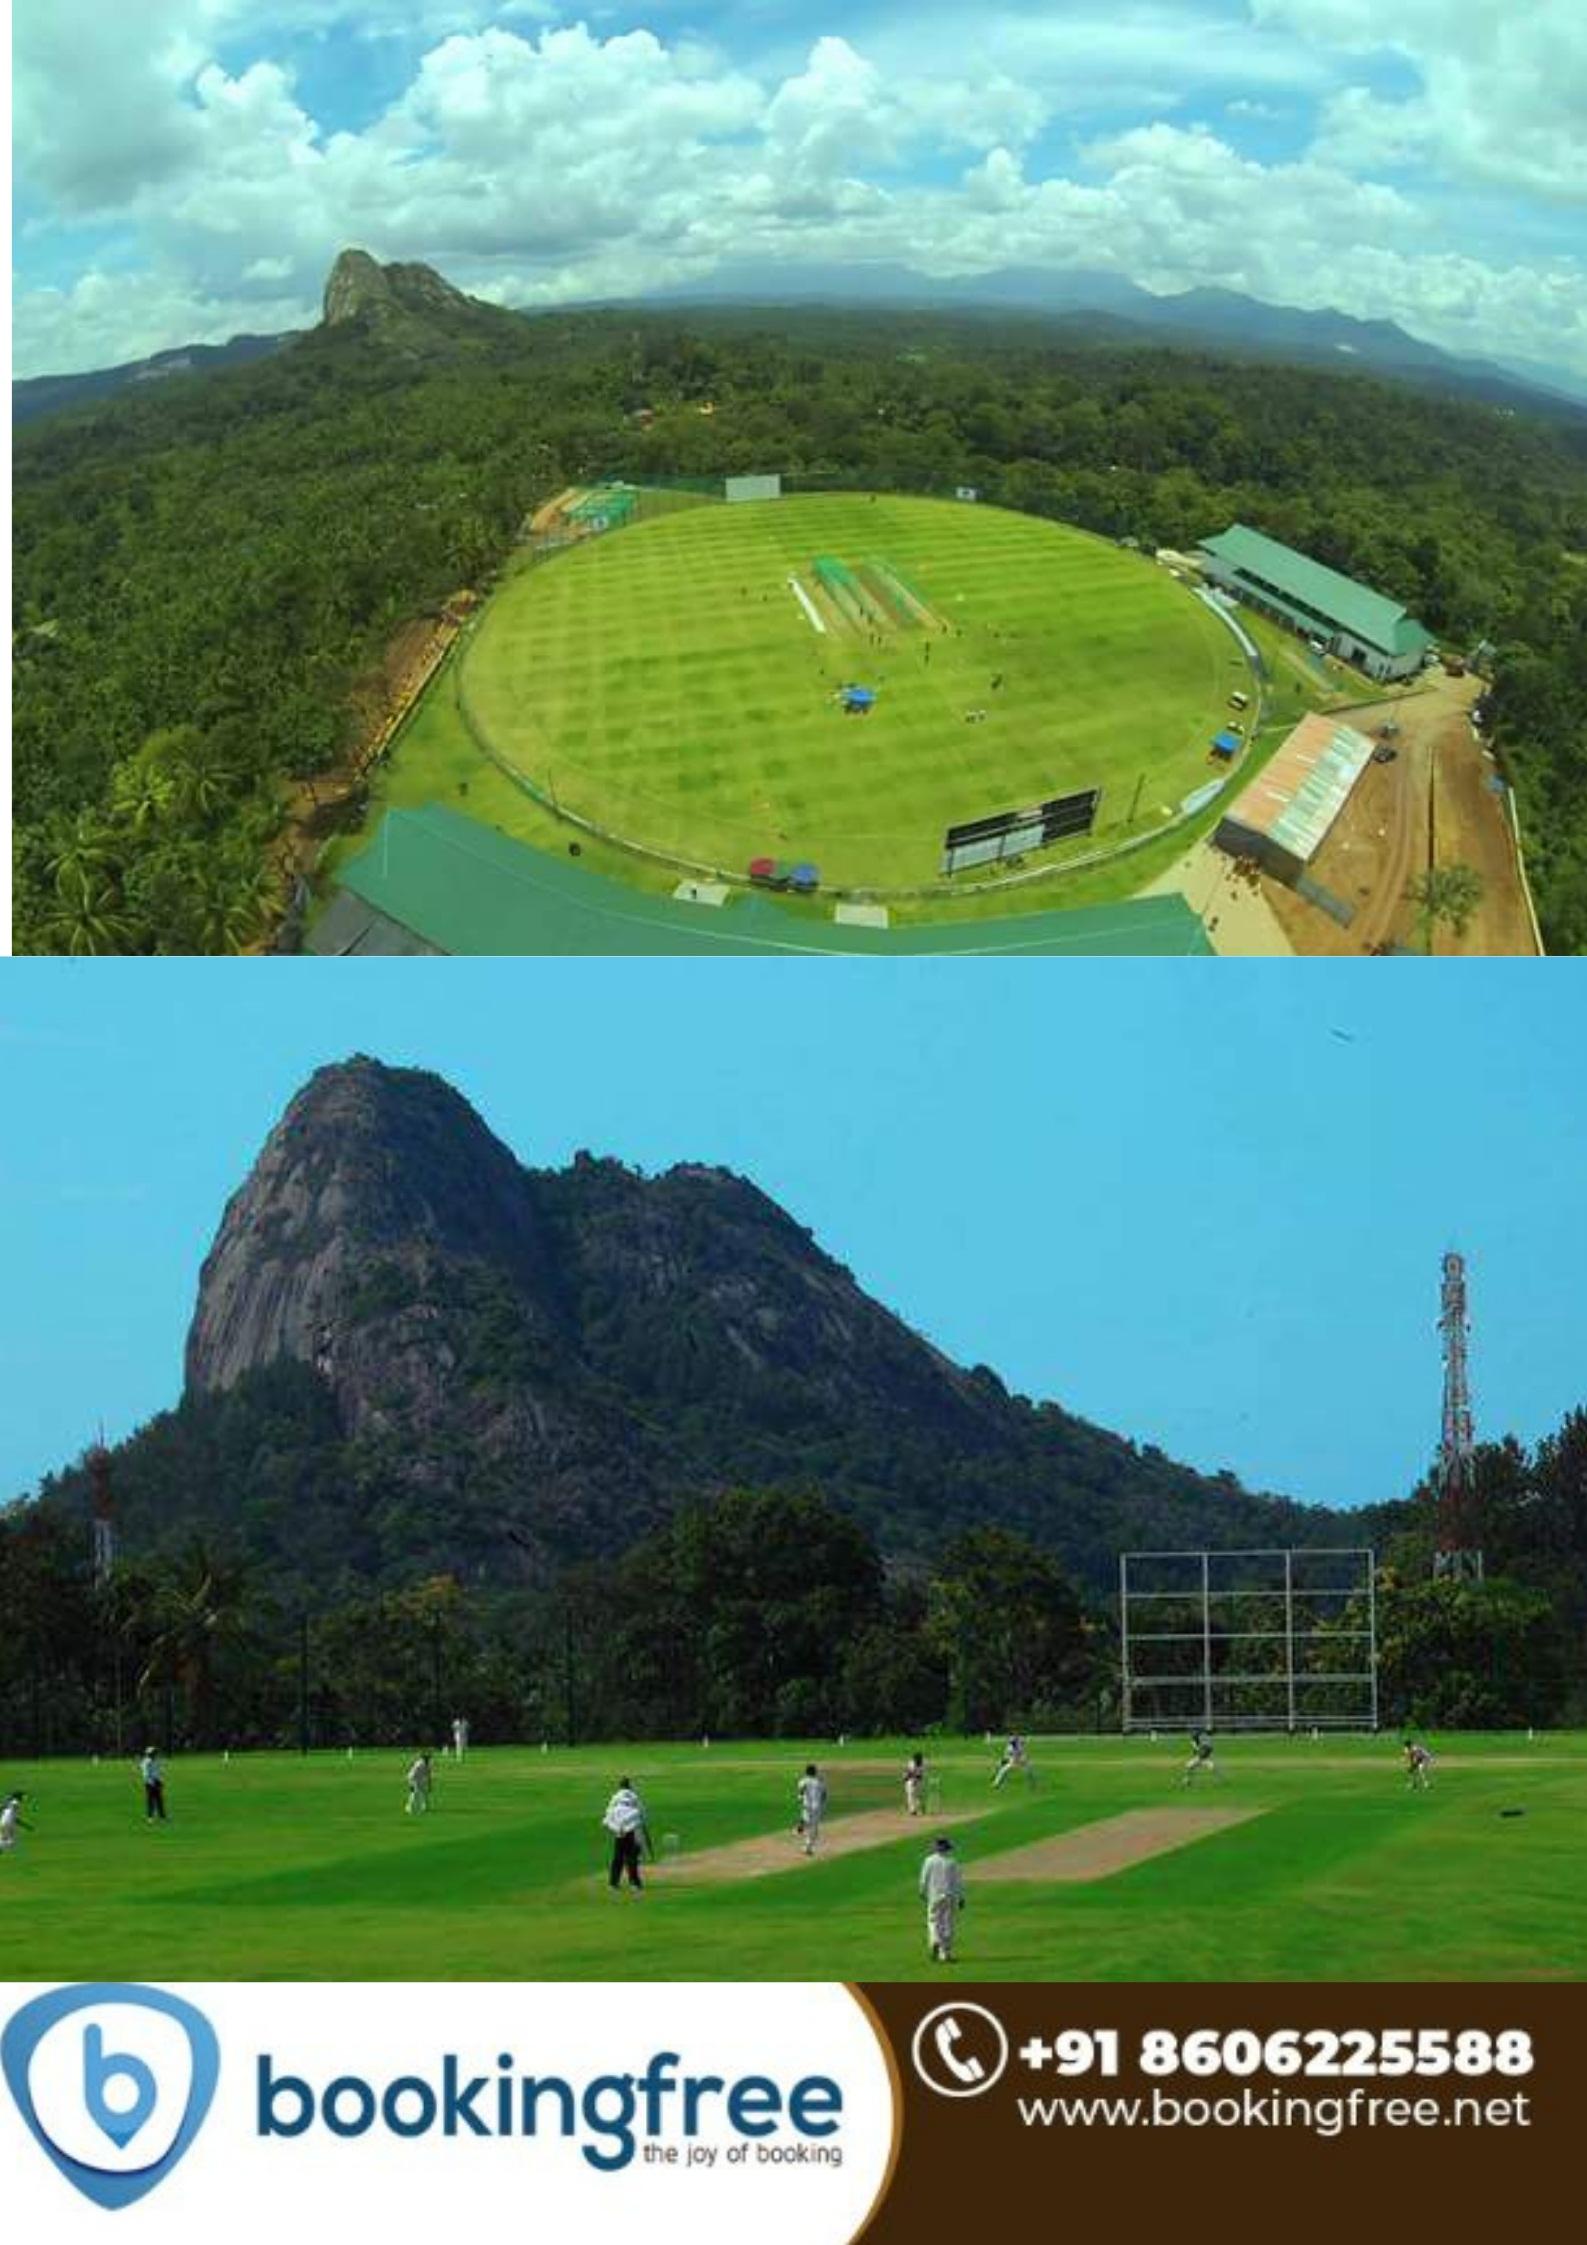 Krishnagiri Cricket Stadium Wayanad